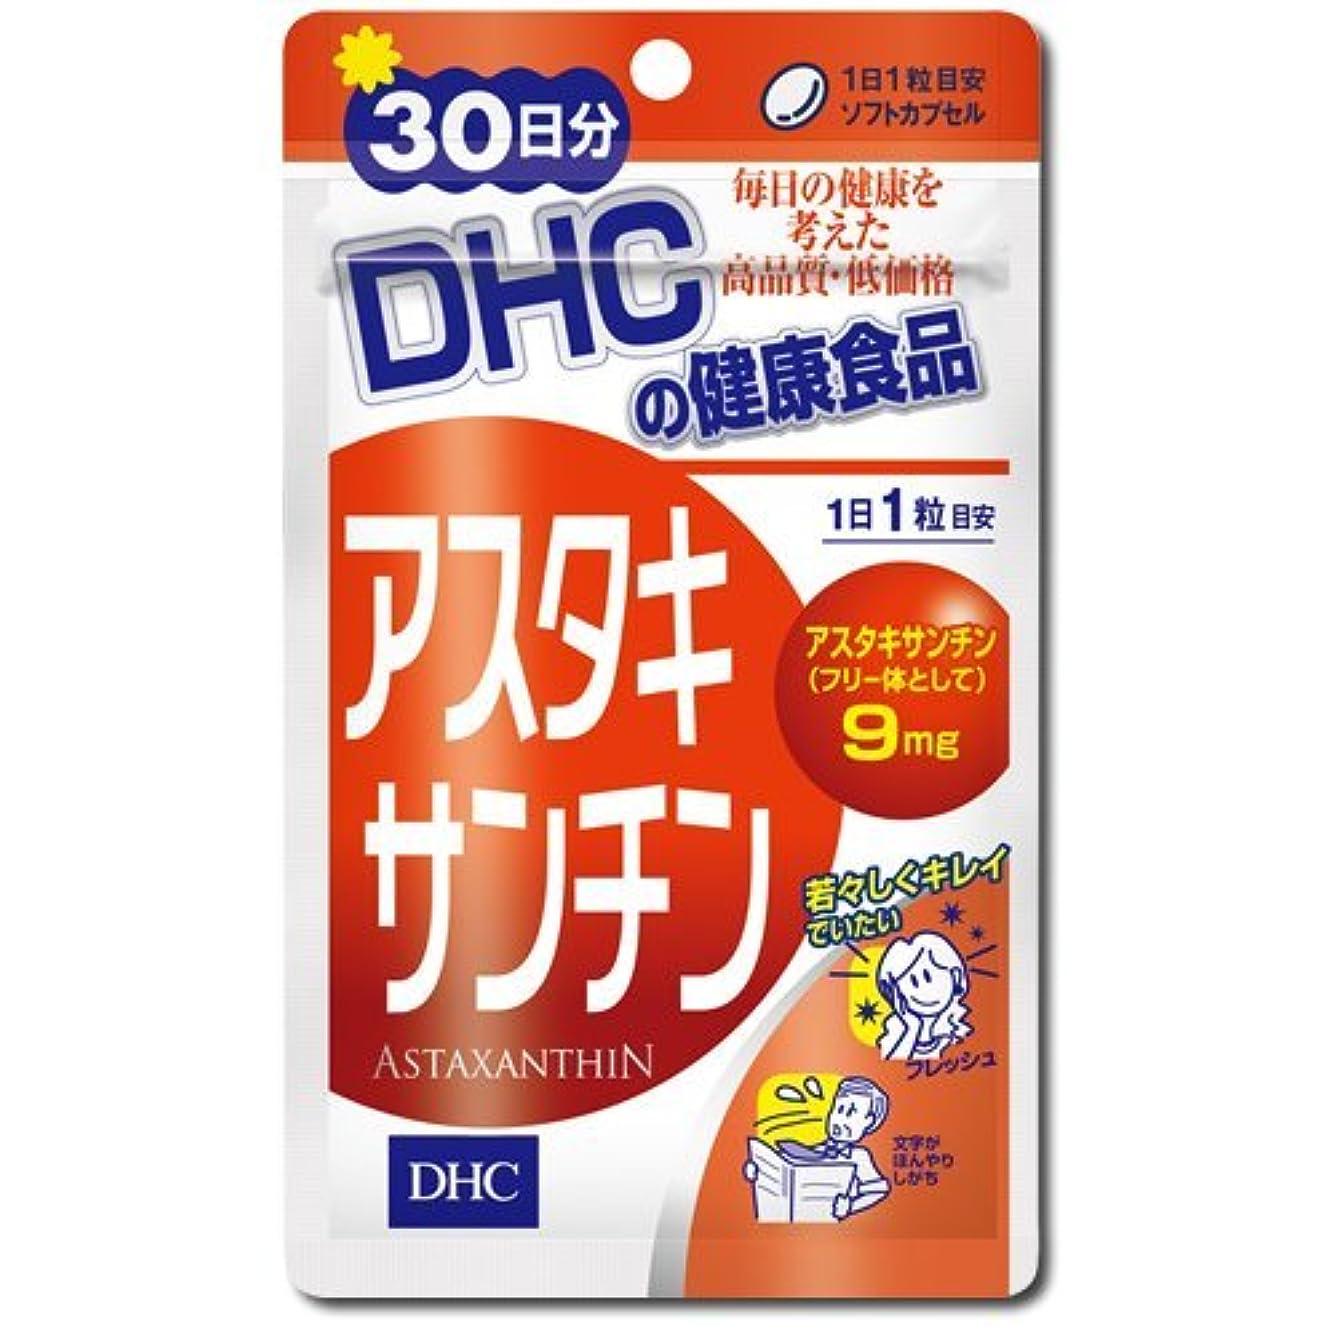 ドラフト硫黄彼女はDHCプロティンダイエット専用シェーカーコップ